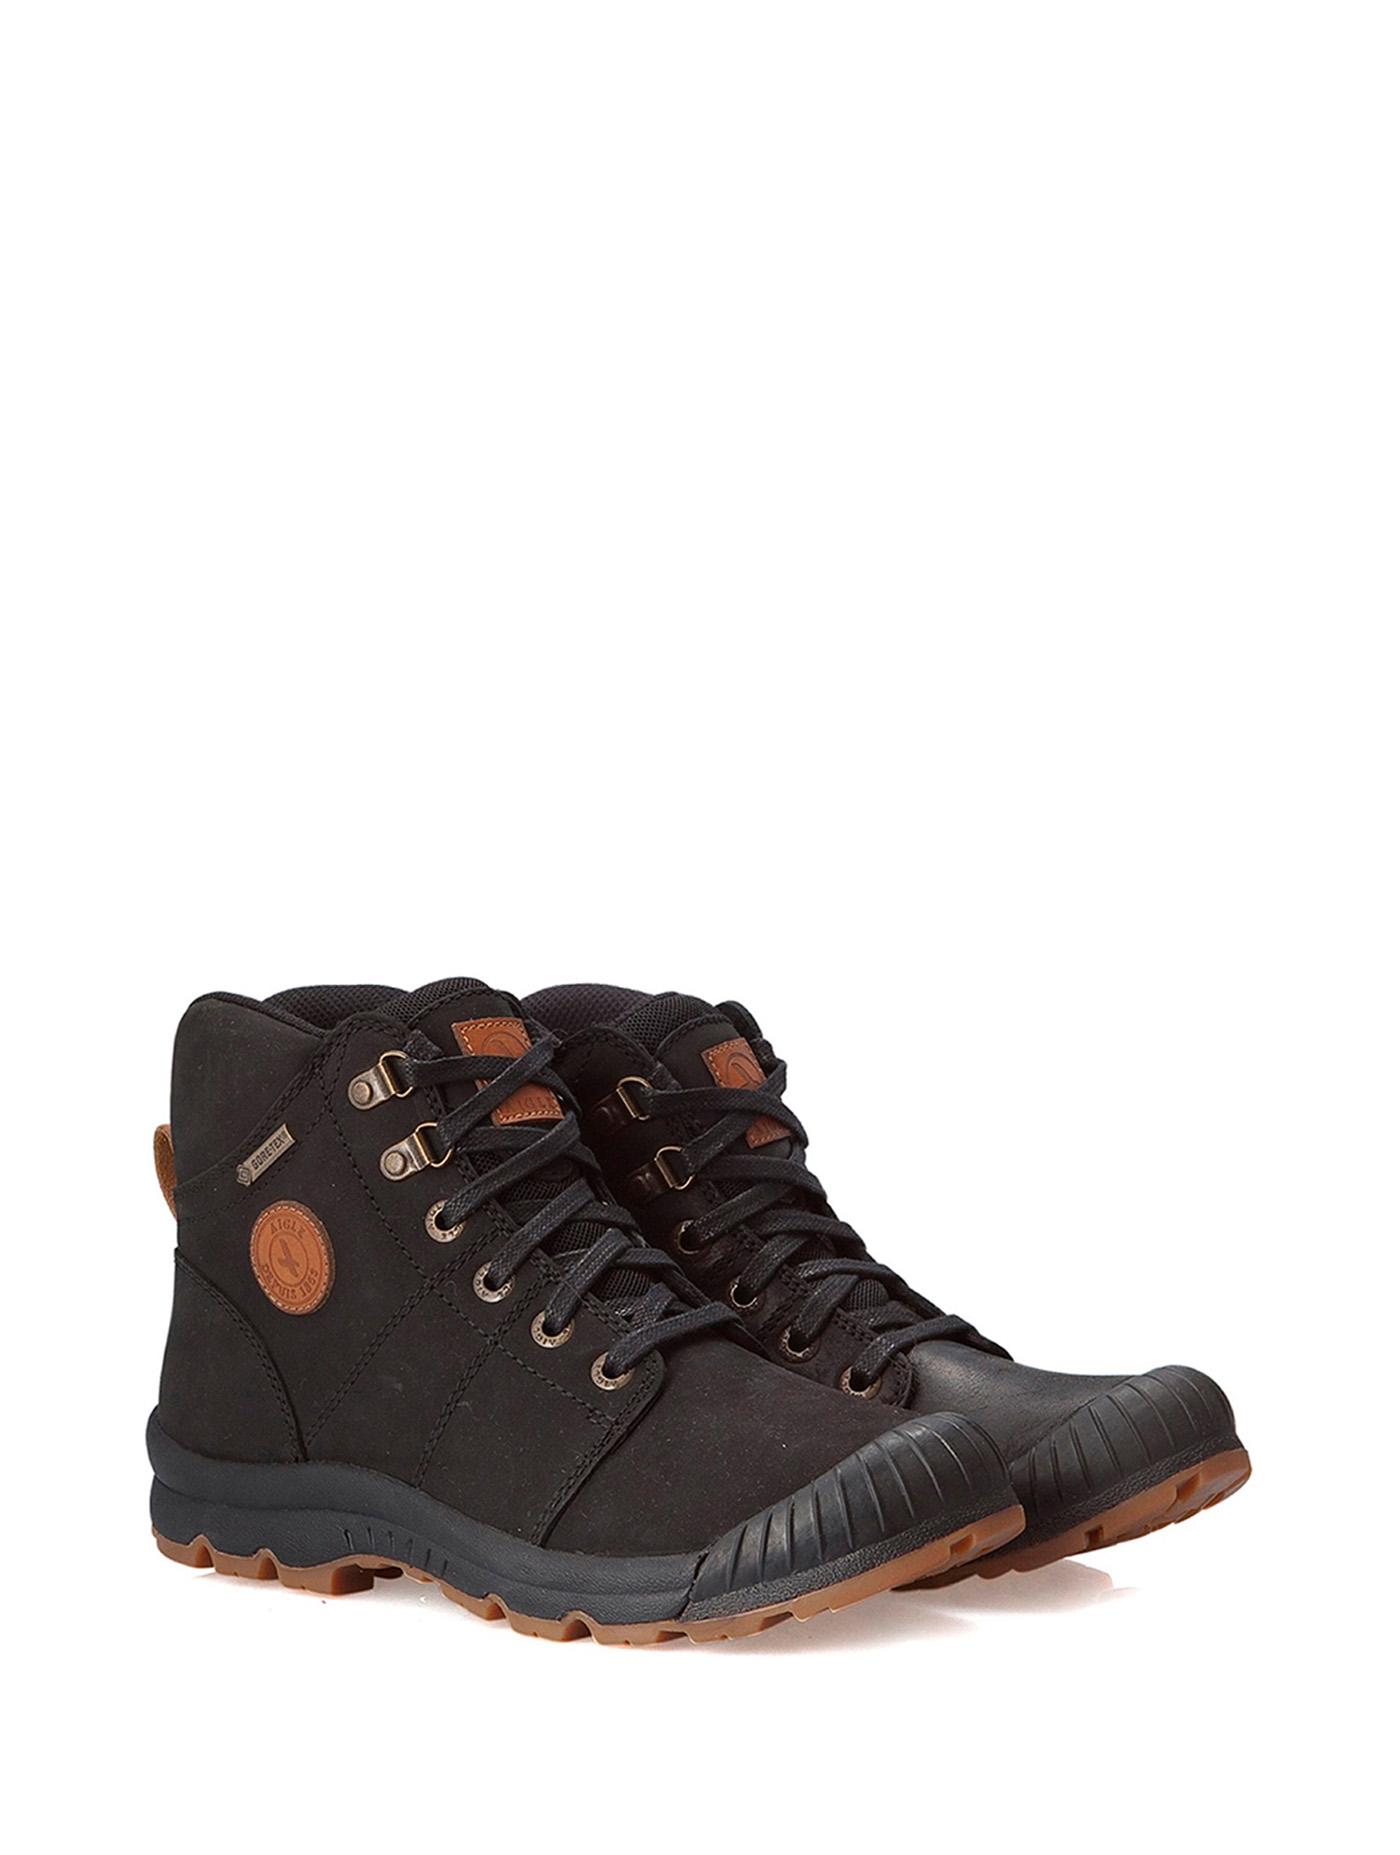 Chaussures de marche Gore Tex® femme Tenere® light leather